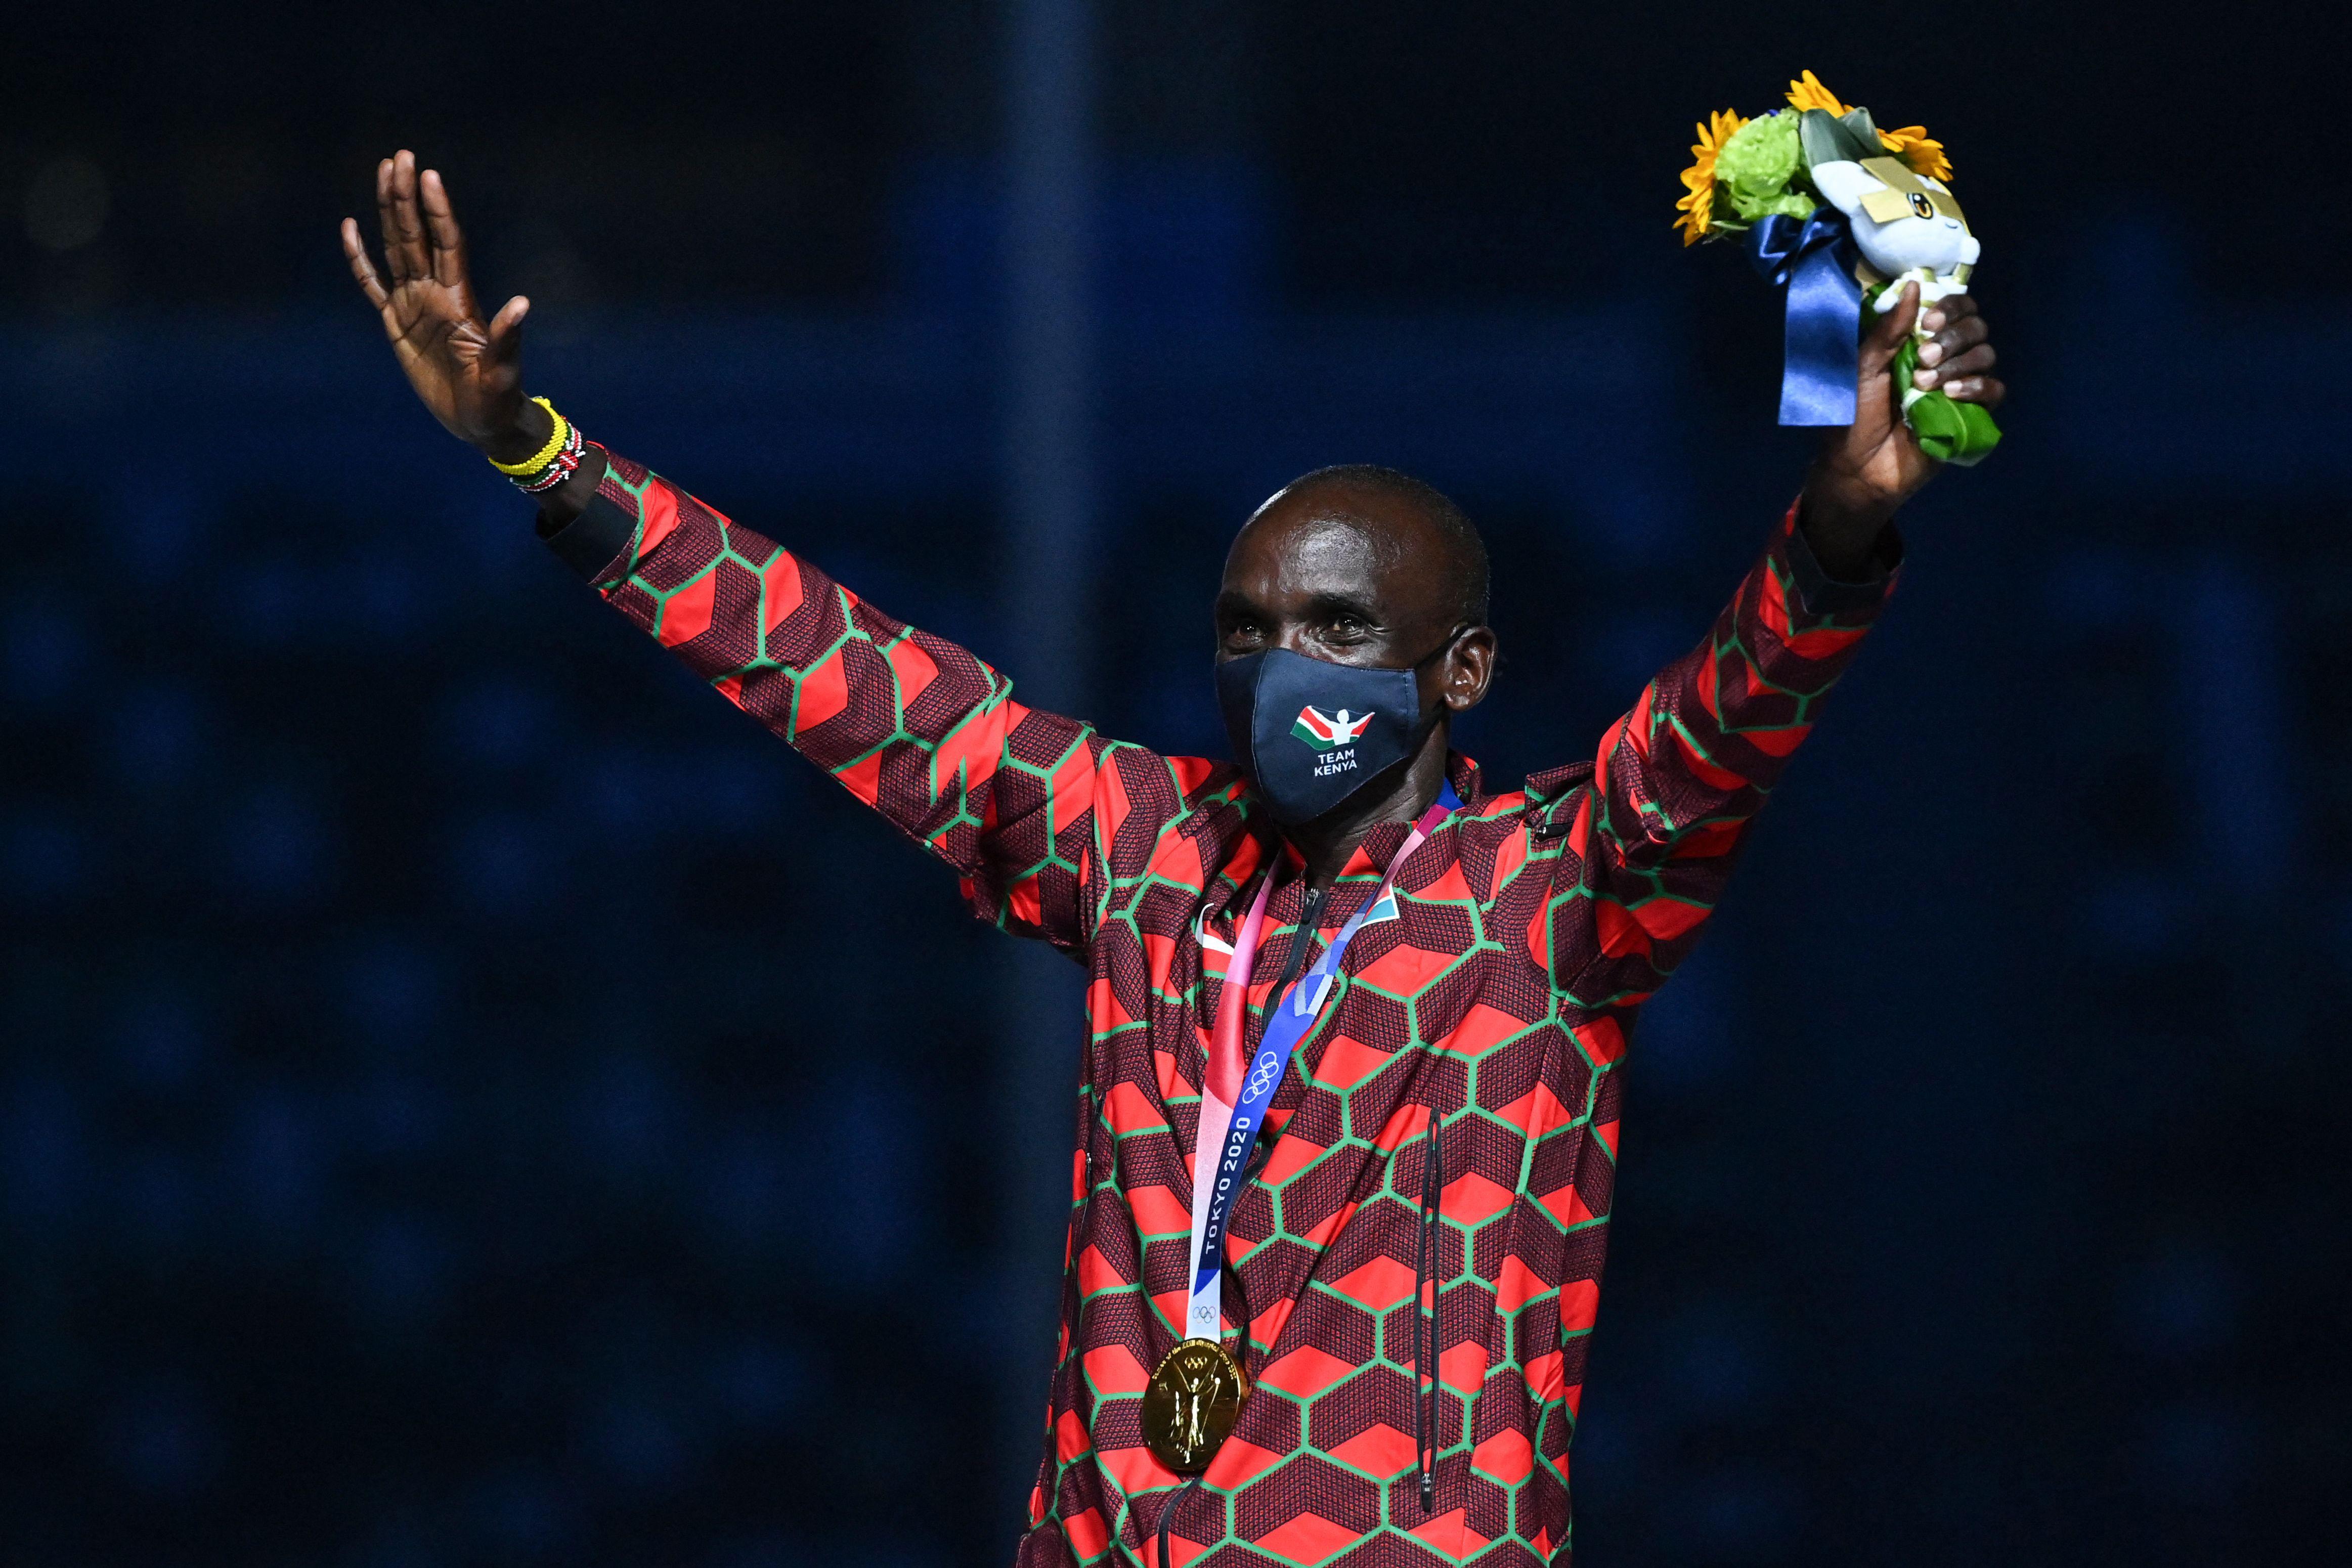 Marathon winner Eliud Kipchoge, from Kenya, celebrates on the podium during the closing ceremony.